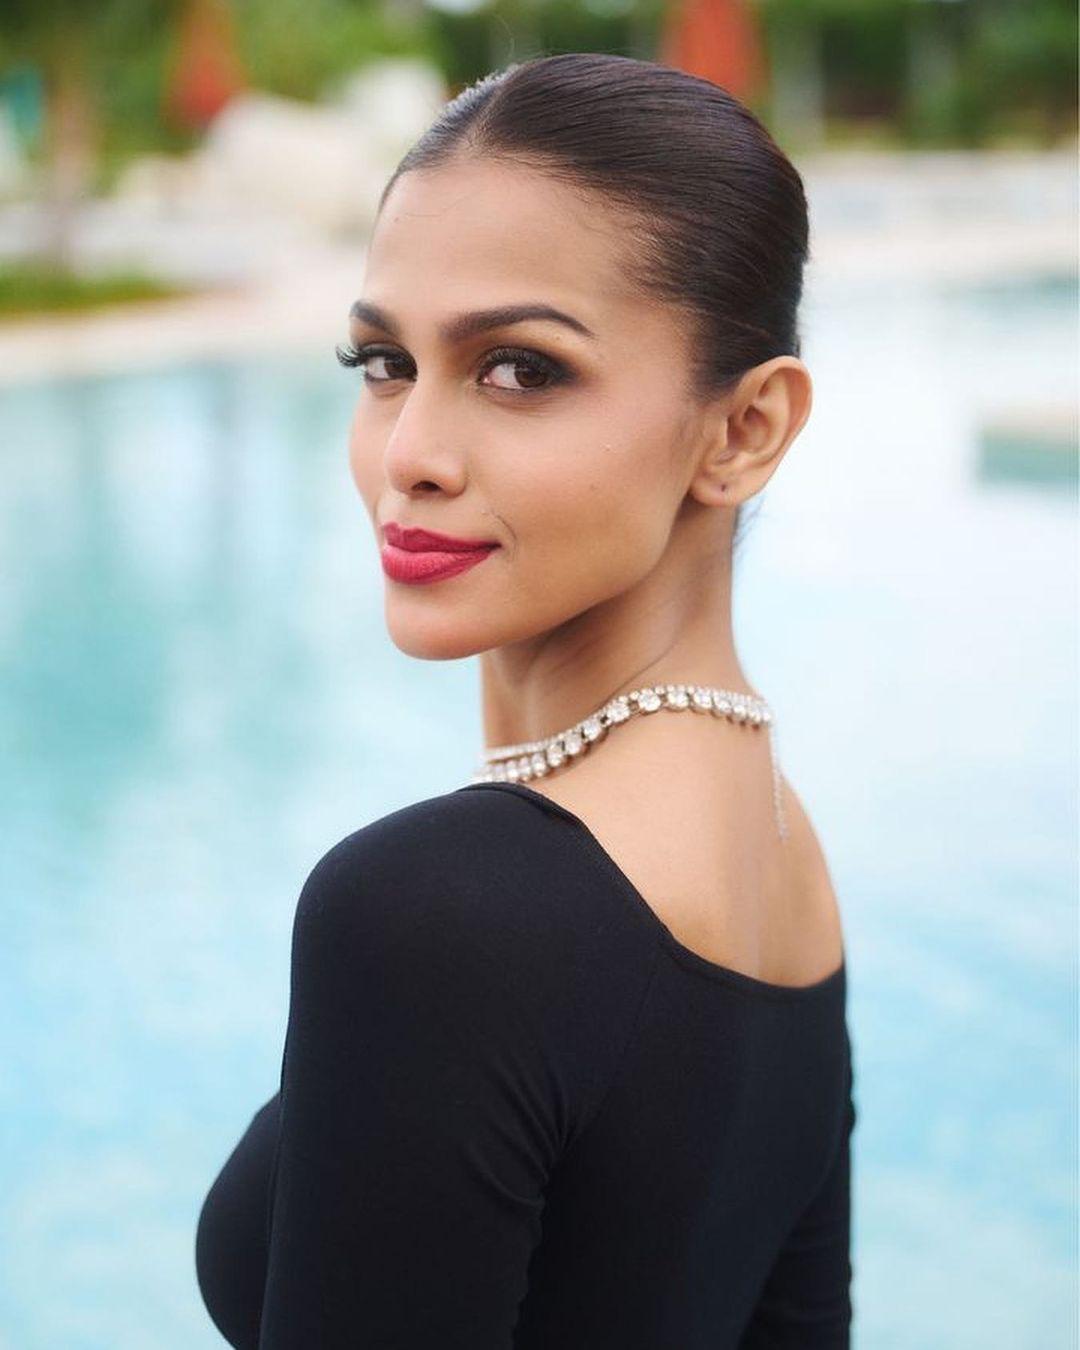 """Á hậu 3 Miss Universe lần thứ 69: Ngắm nhan sắc """"đỉnh chóp"""" của đại diện đẹp nhất châu Á ảnh 7"""